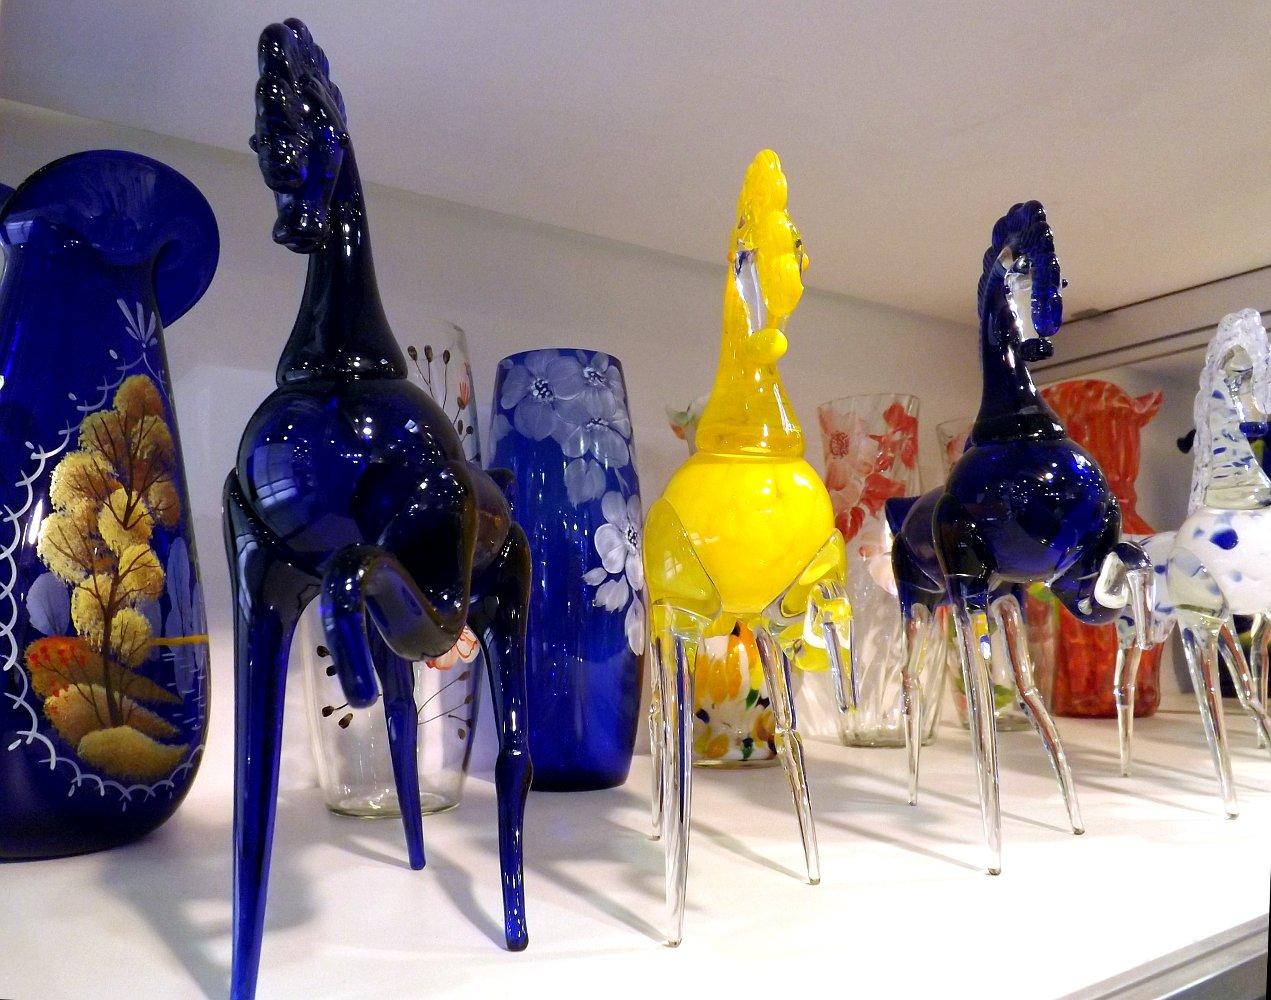 Cтеклянные статуэтки лошадей. Выставка HouseHold Expo в Москве, сентябрь 2013 г.